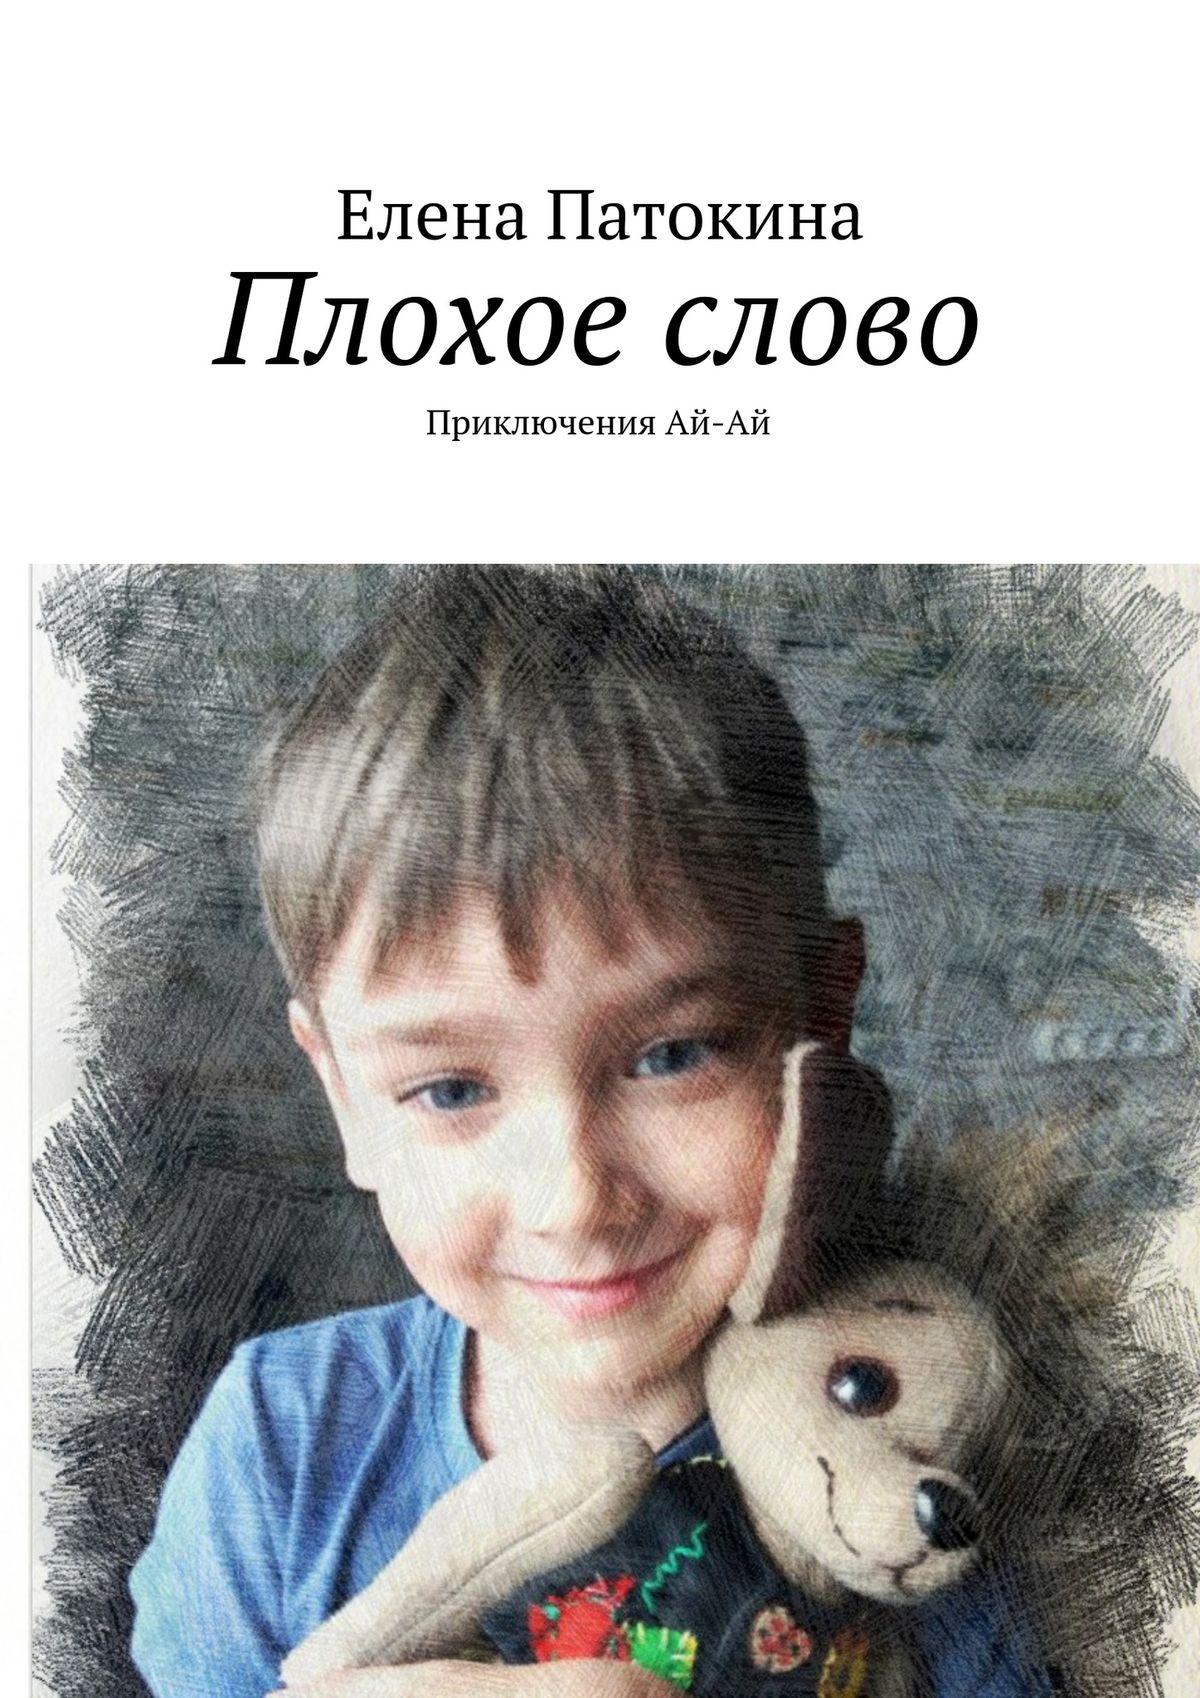 Елена Патокина Плохое слово. Приключения Ай-Ай